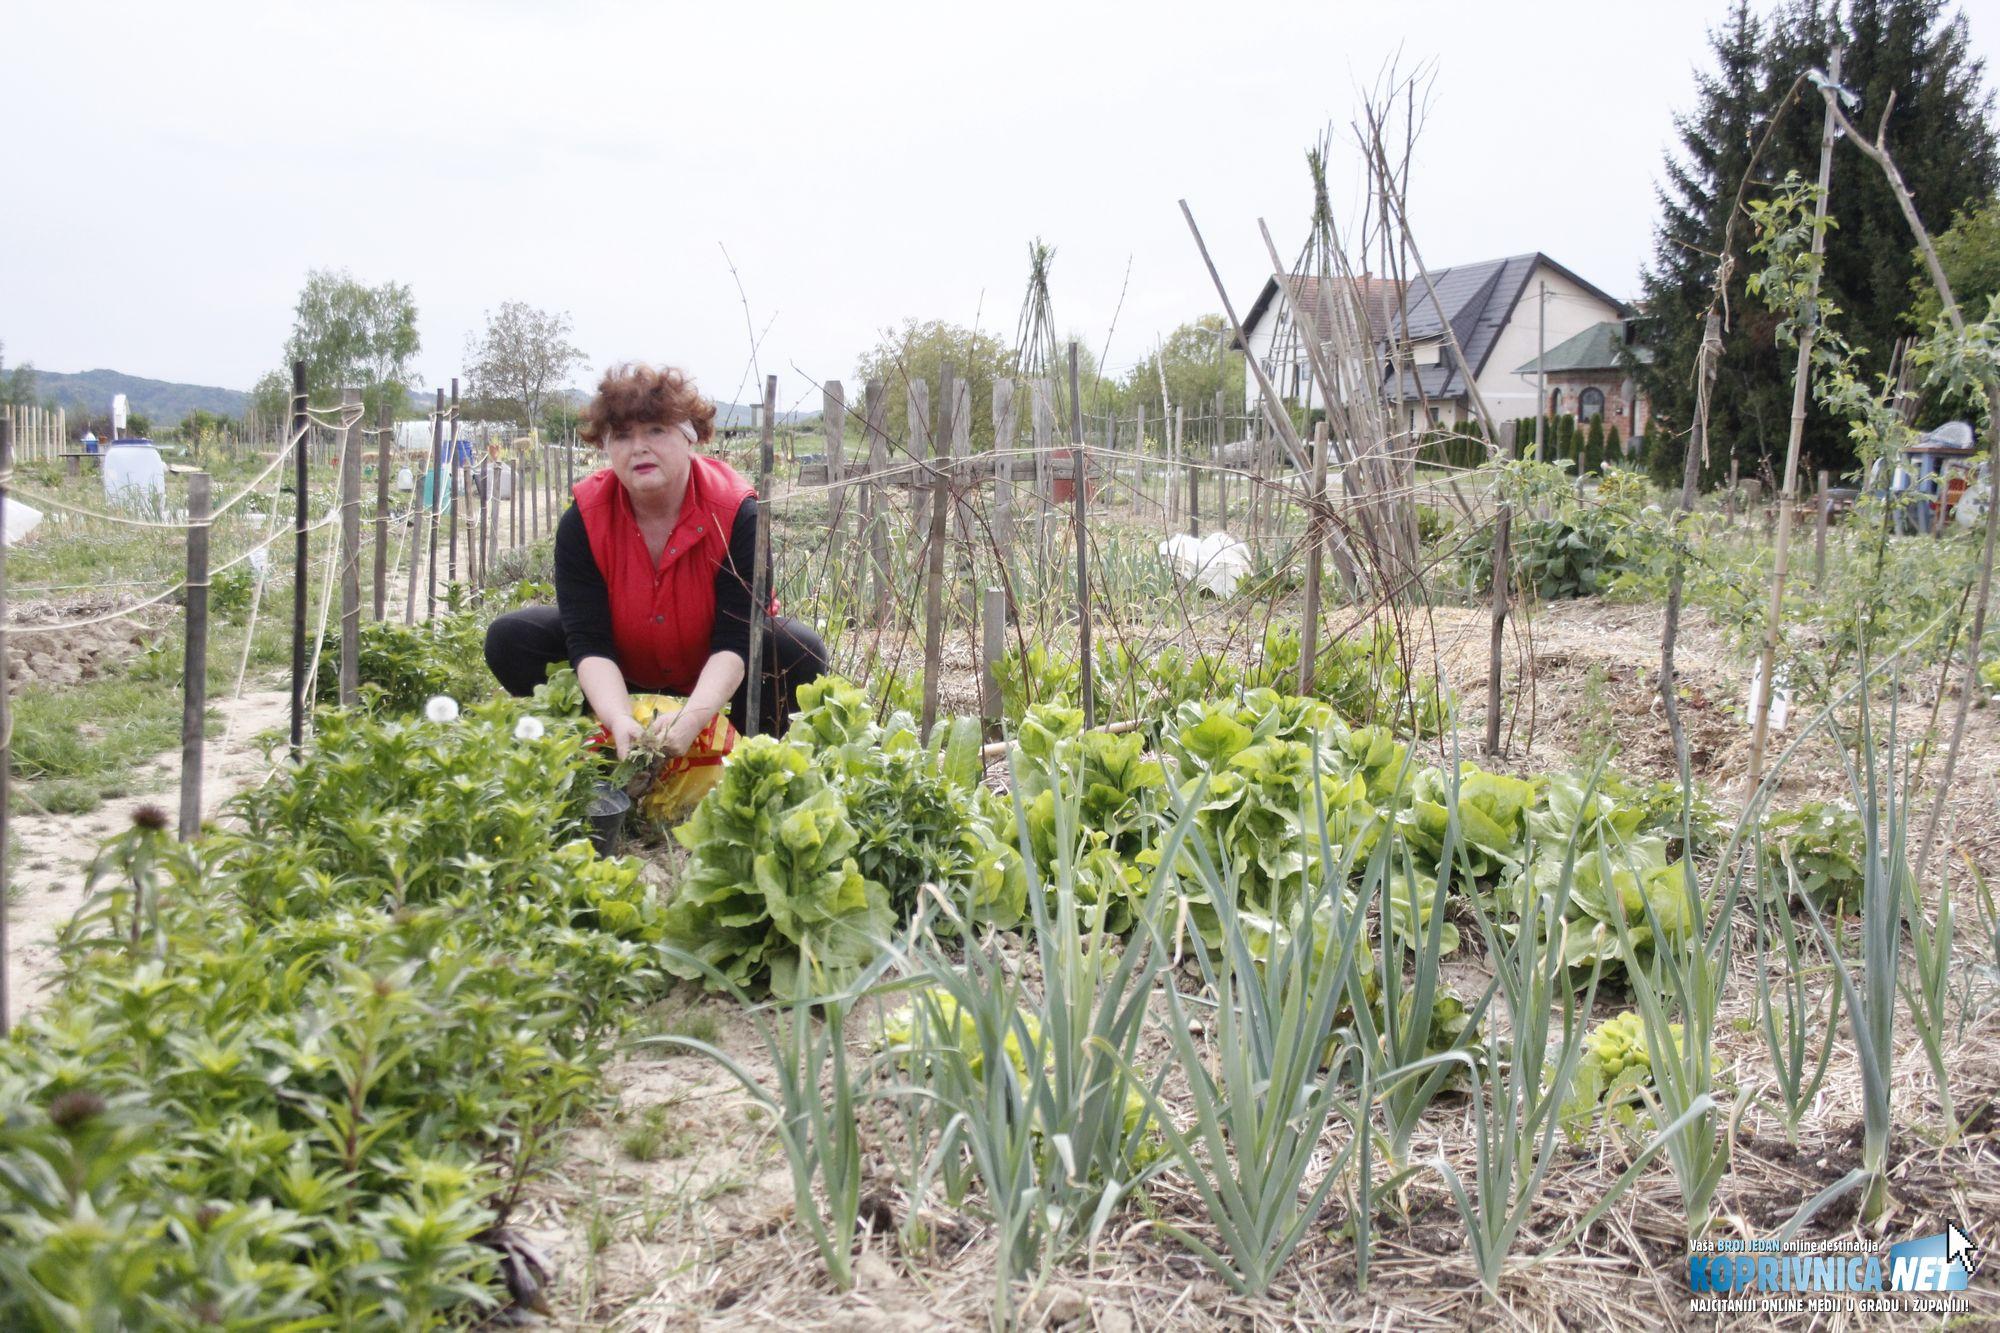 Koprivničanka Darinka Radeljak na zajedničkim eko vrtovima od prvog je dana // foto: Zvonimir Markač